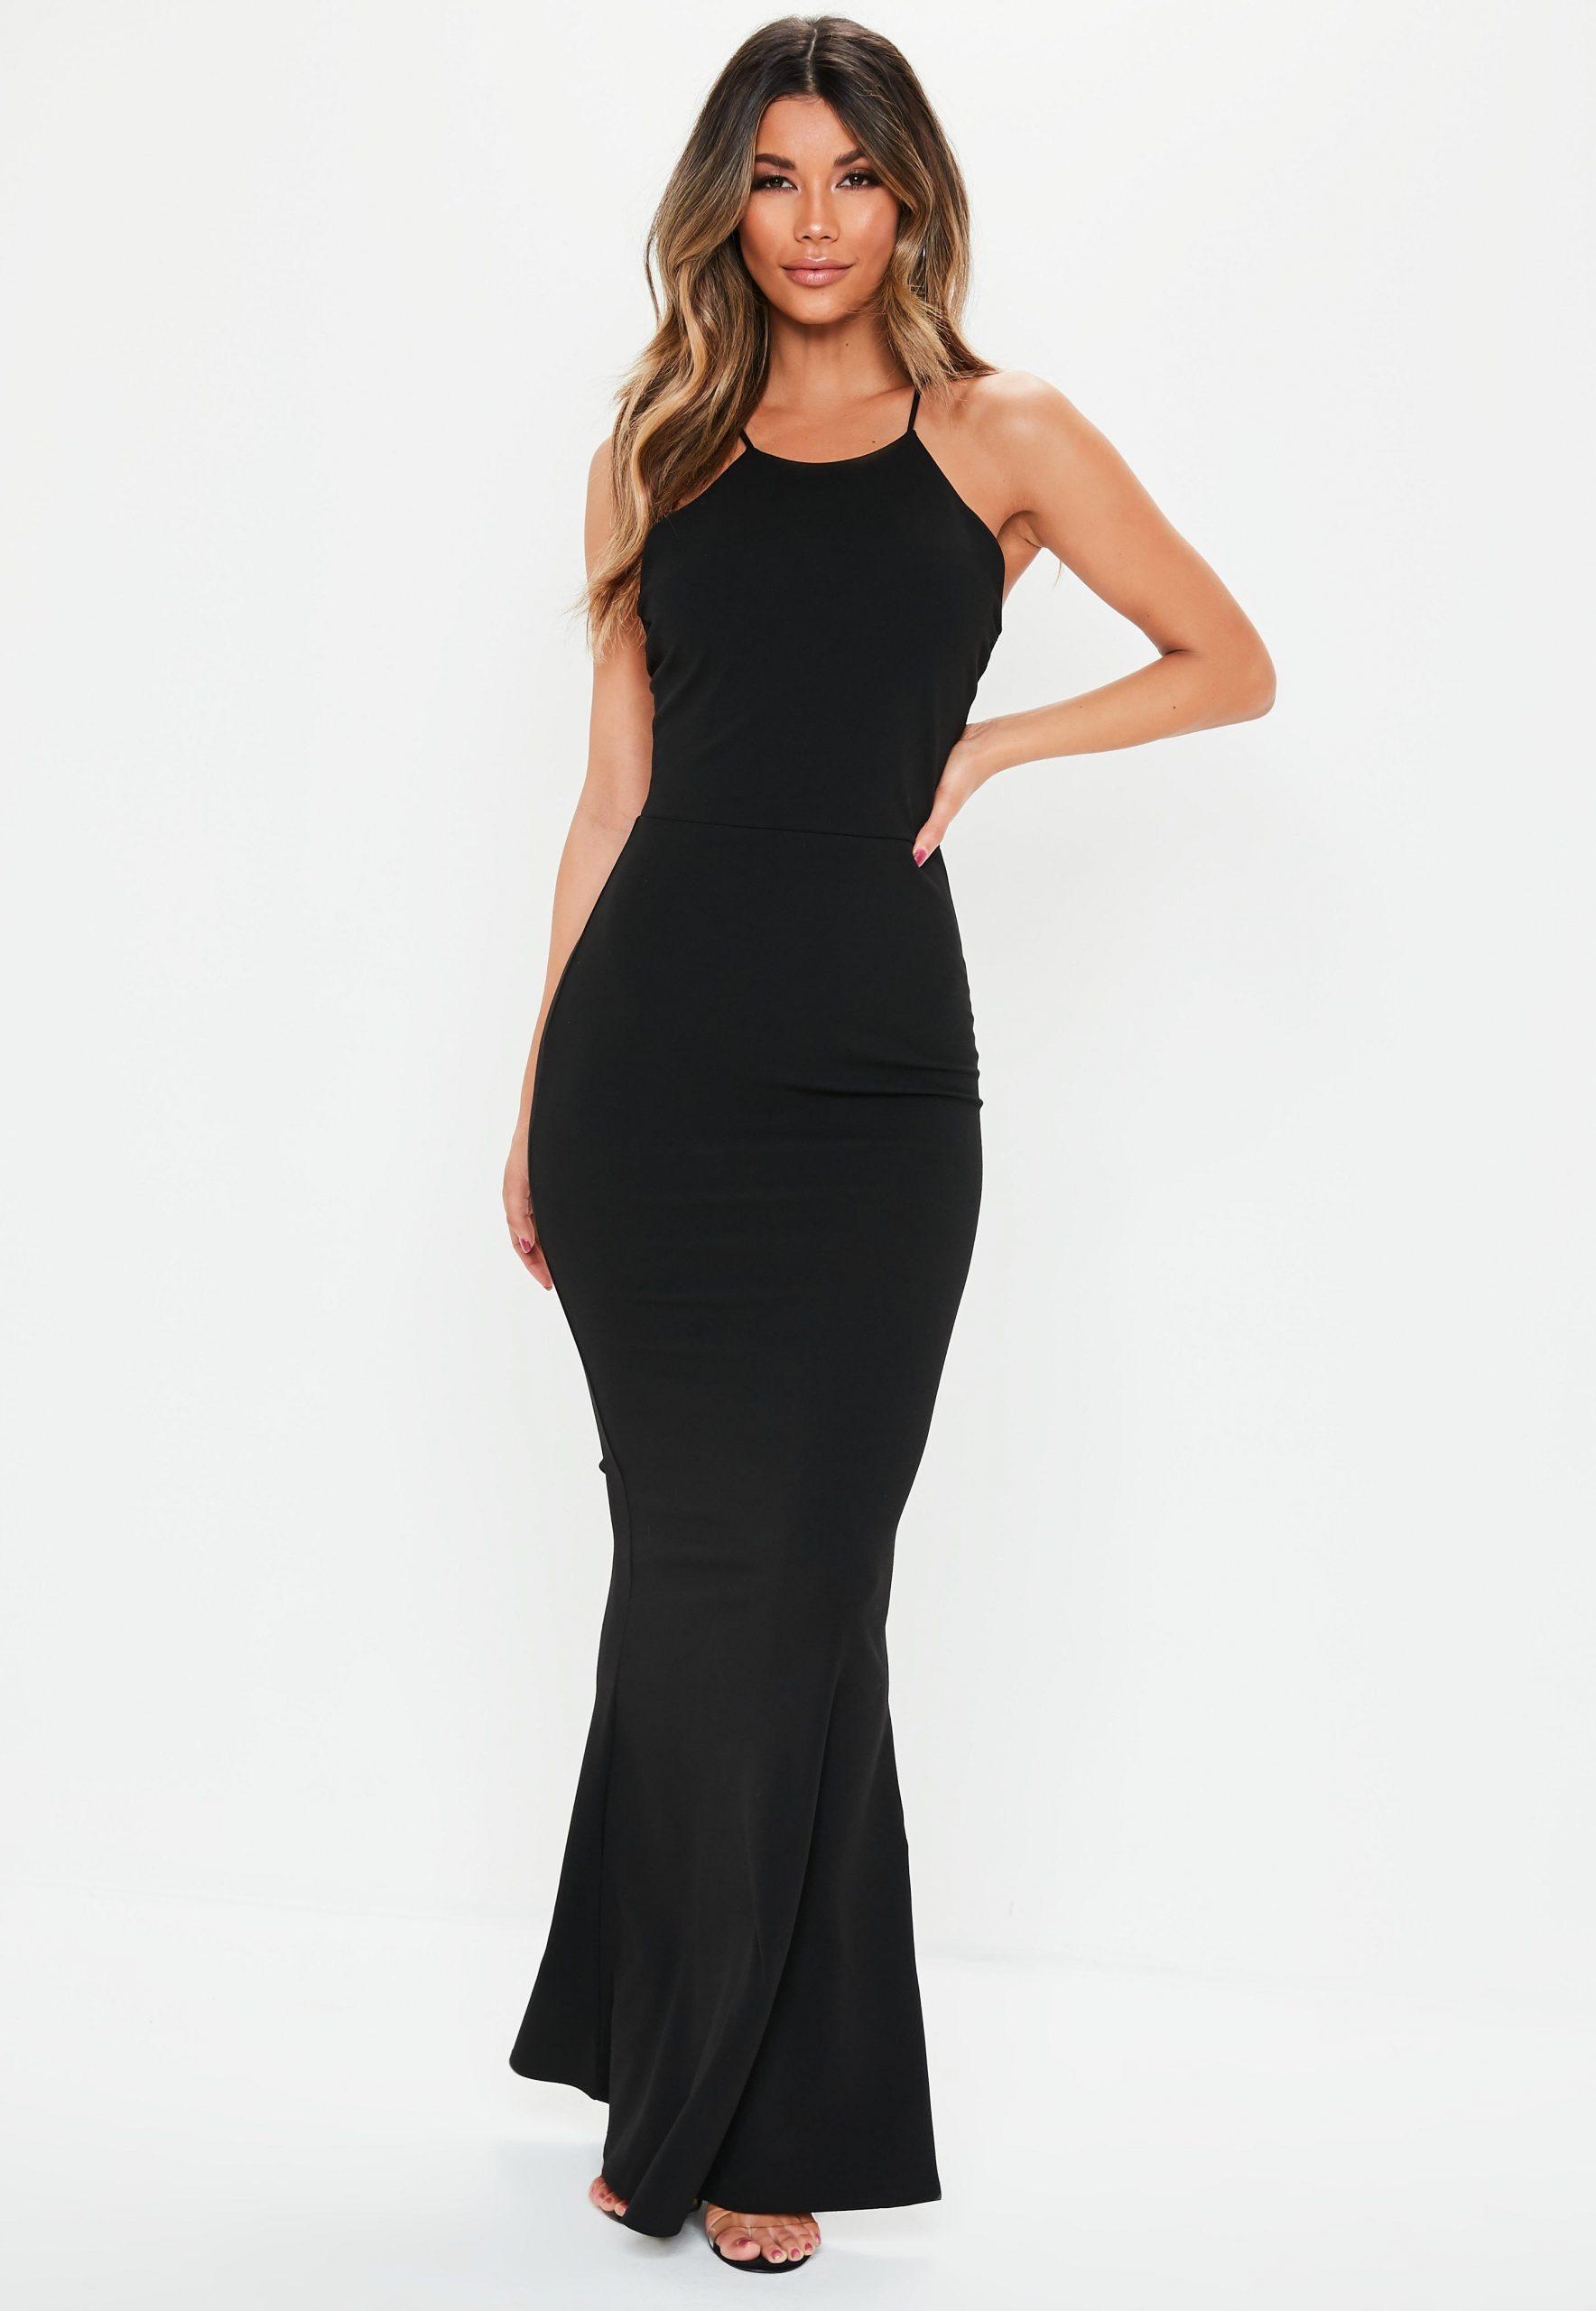 20 Schön Abendkleid Rückenausschnitt Spezialgebiet10 Spektakulär Abendkleid Rückenausschnitt Vertrieb